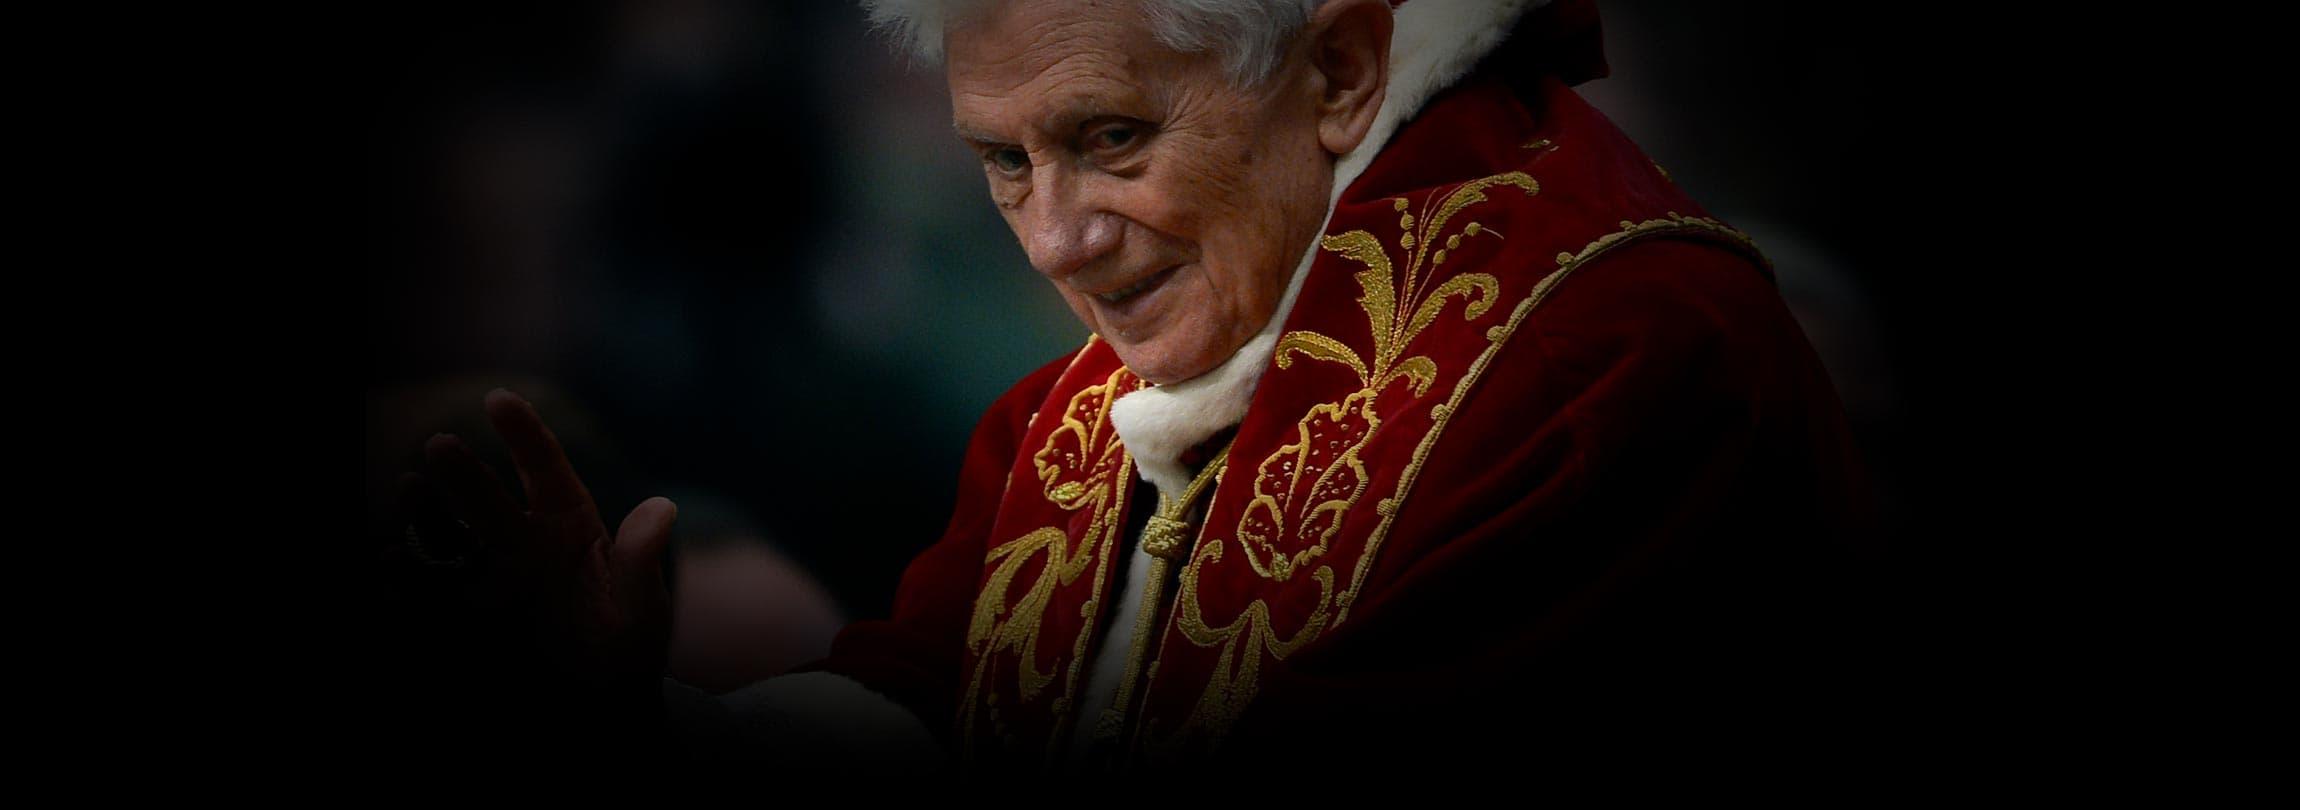 Discurso do Papa Bento XVI na apresentação de votos natalícios